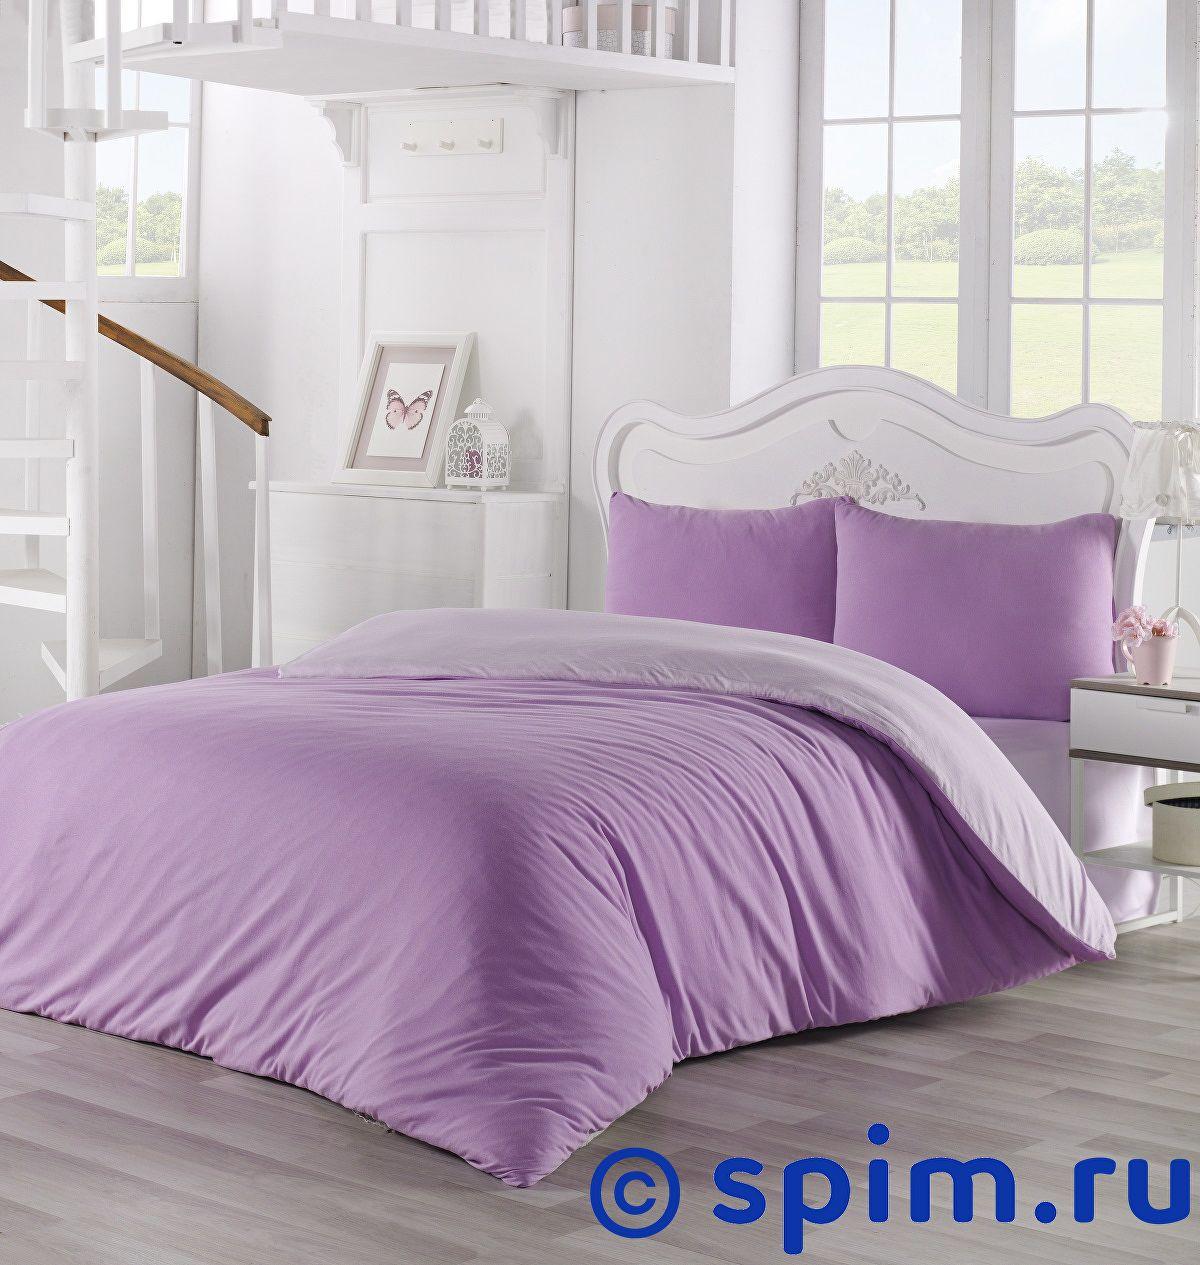 Купить Постельное белье Karna Sofa светло-лаванда, сиреневый Евро-стандарт